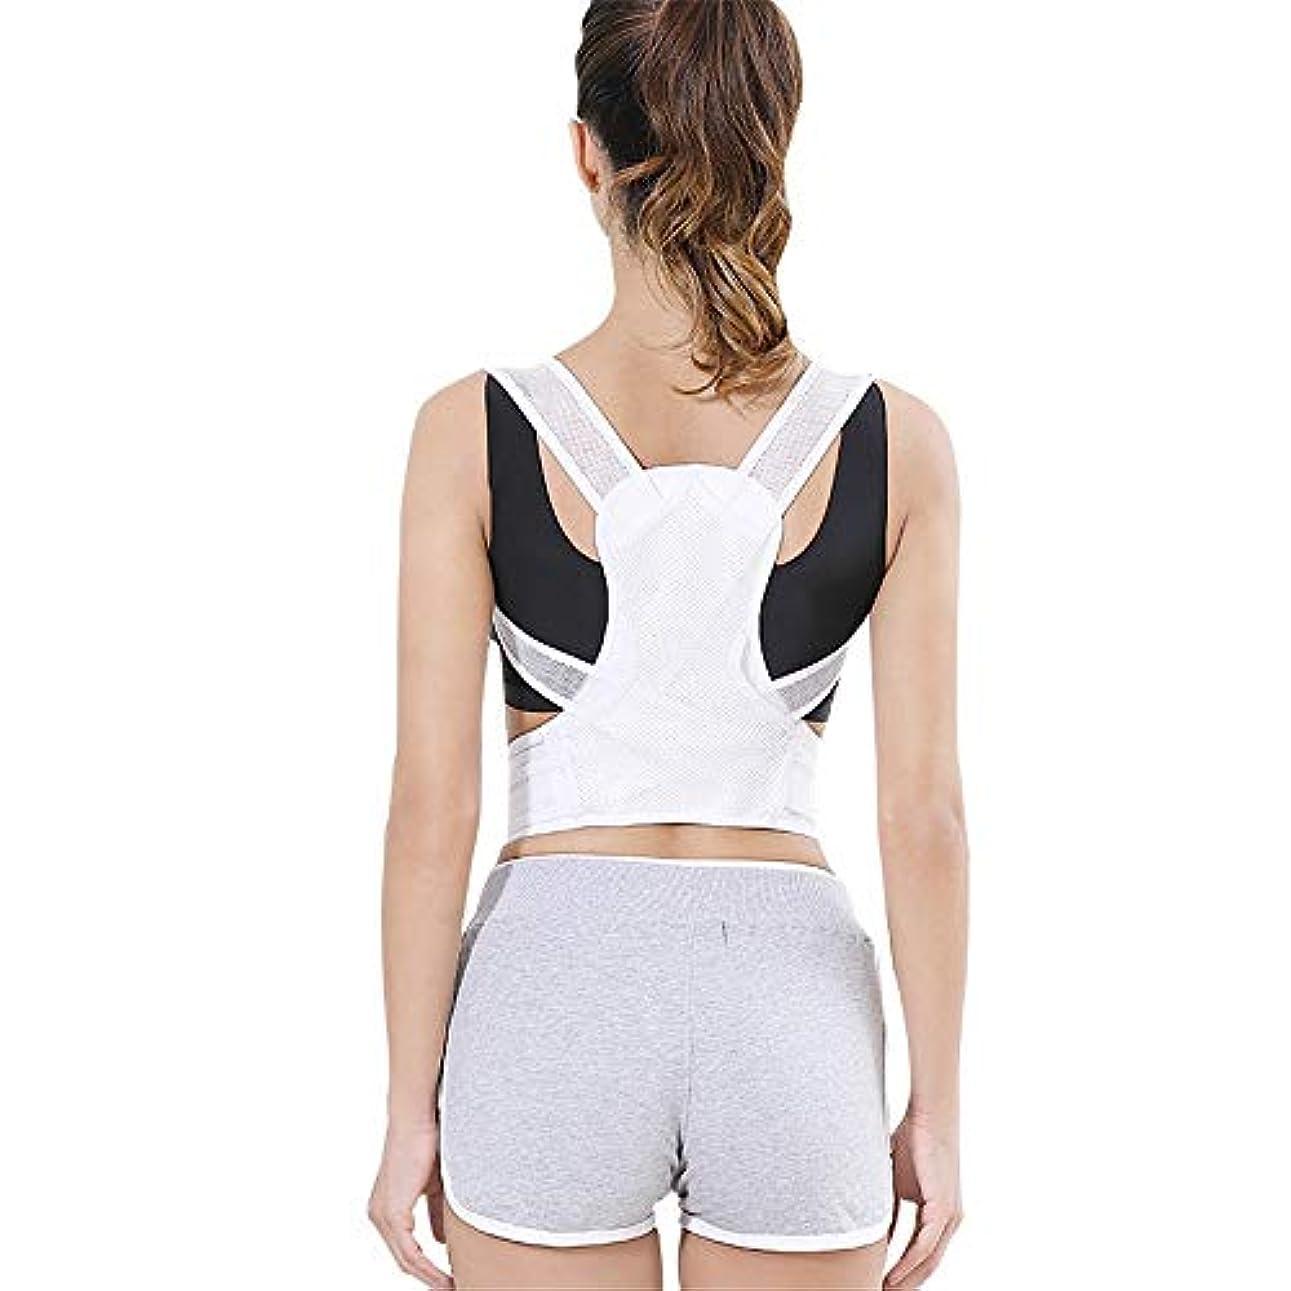 ディベート美しいマネージャー女性&男性のためのAck姿勢補正 - 強力なマジックステッカー調節可能な鎖骨バックブレース - 最高の効果的で快適な姿勢バックブレース (色 : 白, サイズ : L)